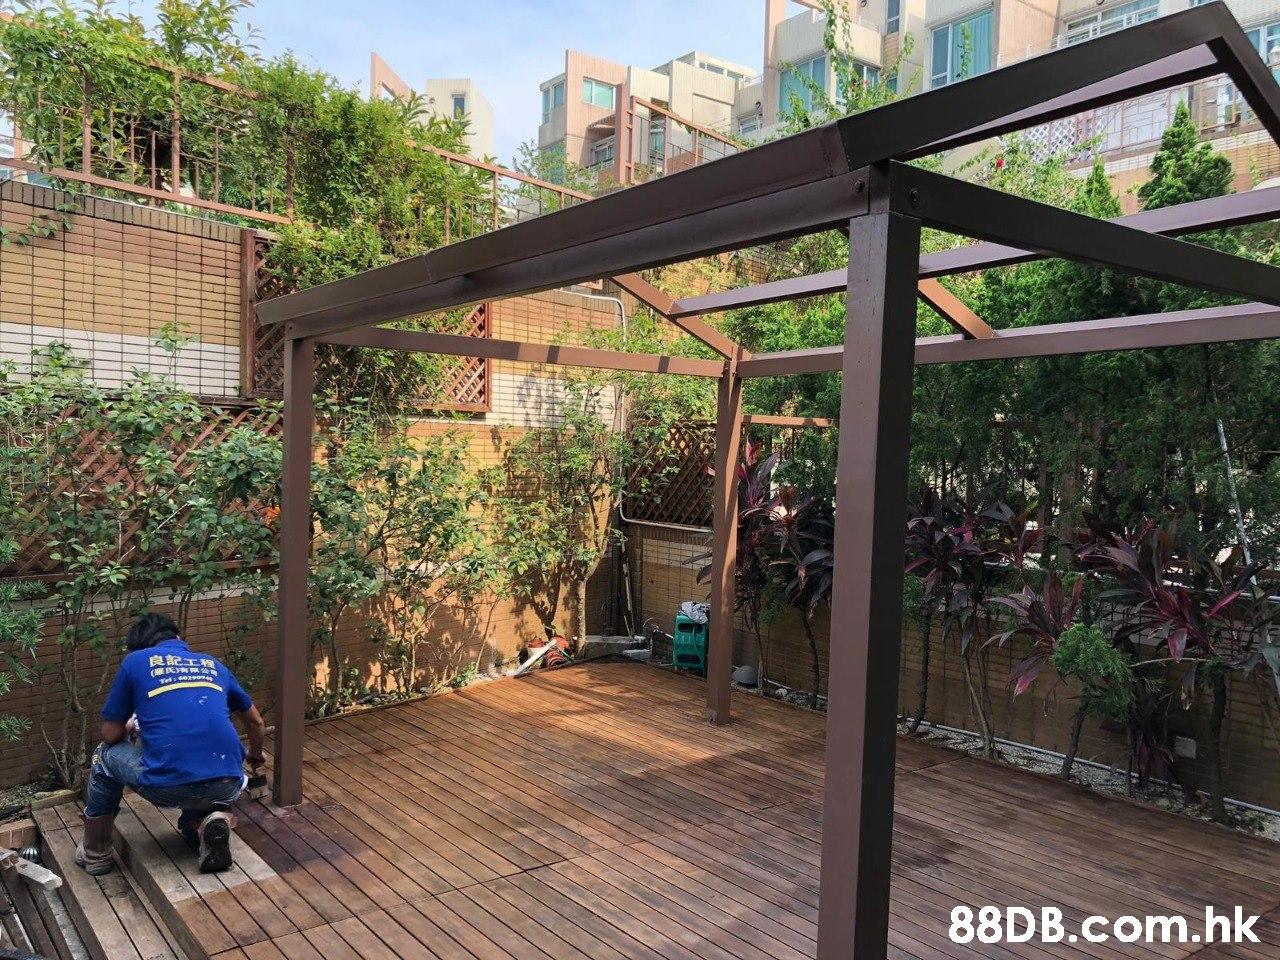 良記工程 .hk  Property,Deck,Pergola,Real estate,Roof